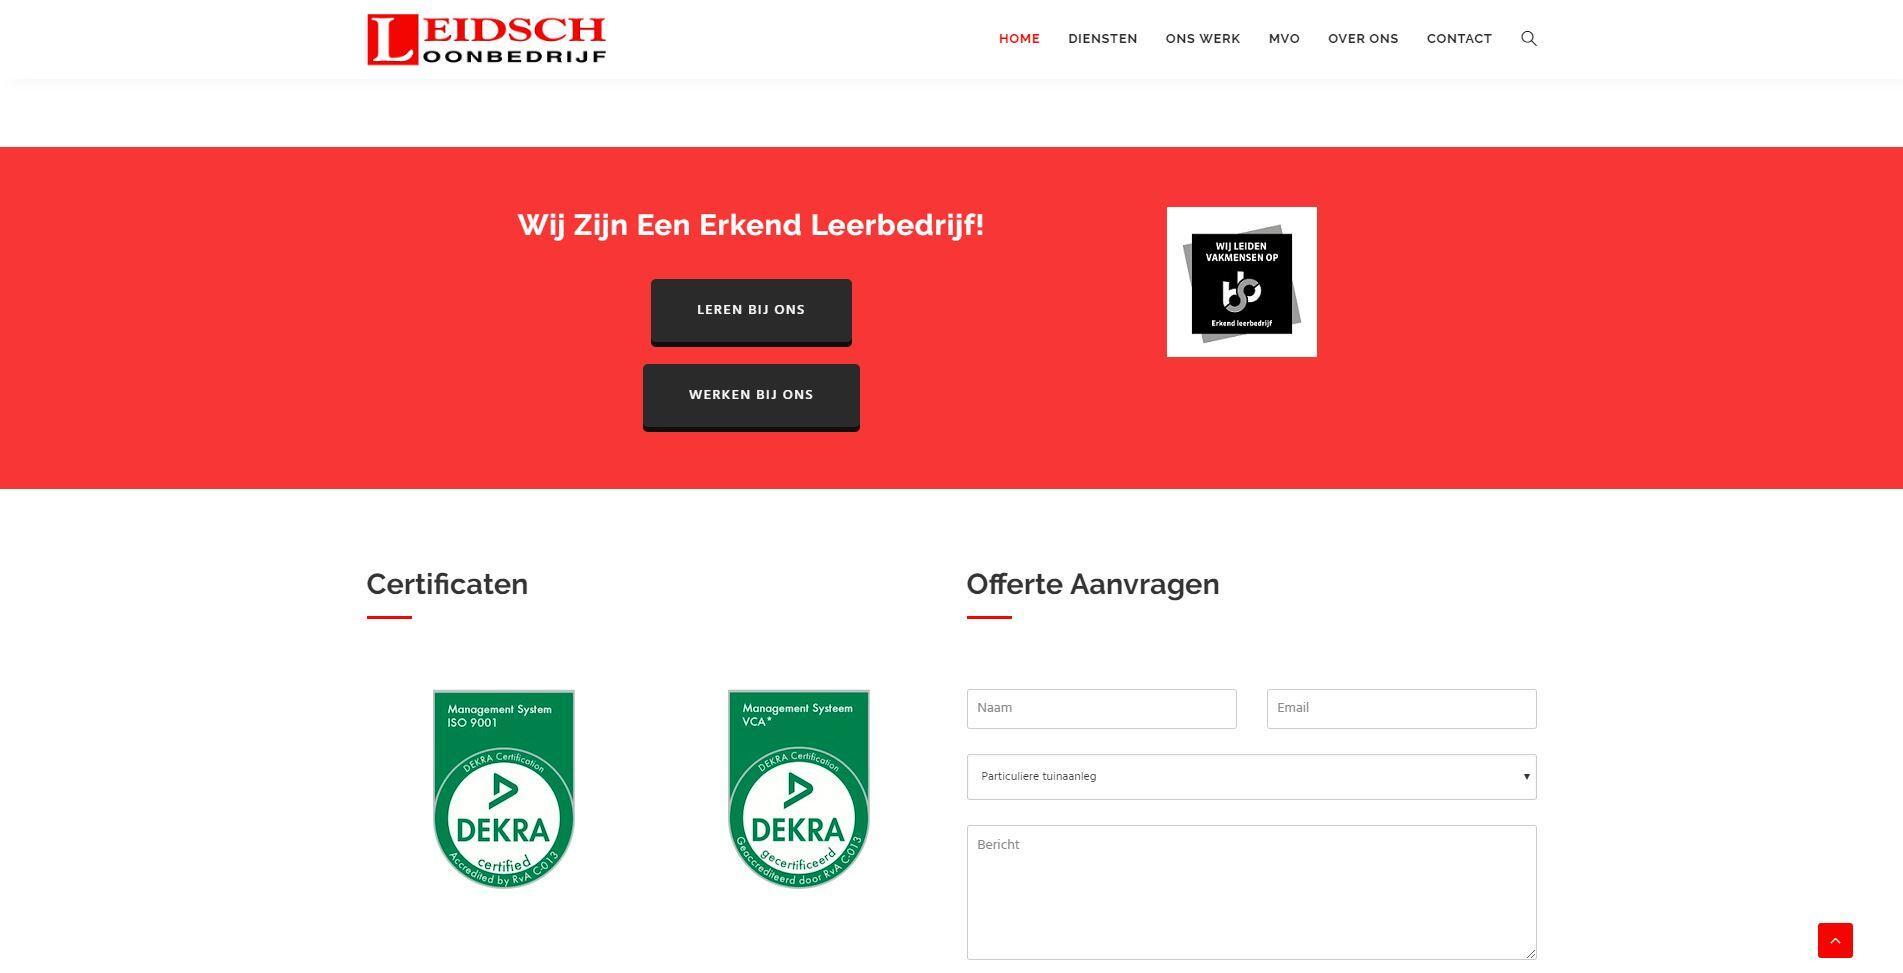 Loonbedrijf website